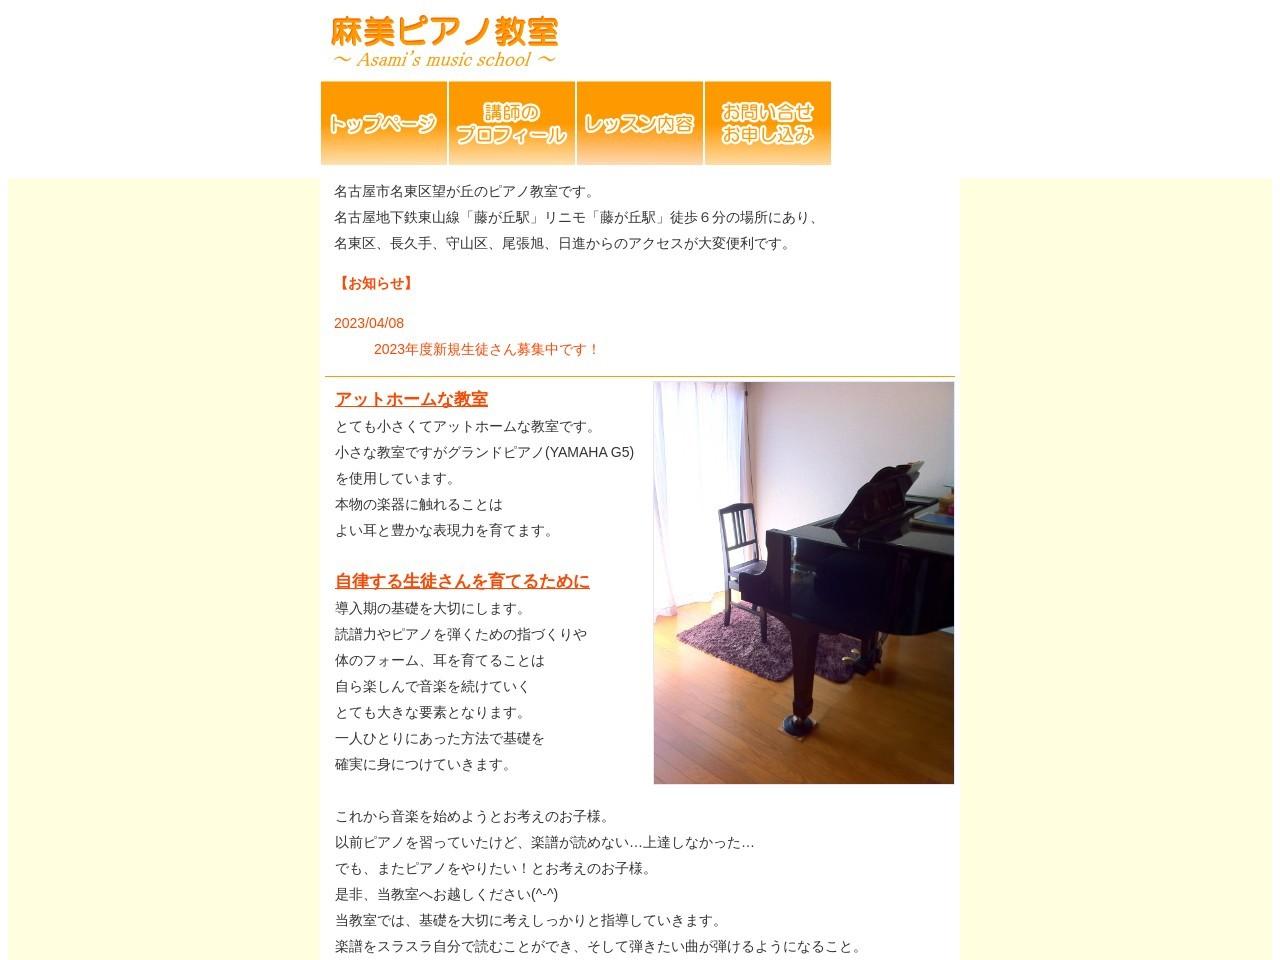 麻美ピアノ教室のサムネイル